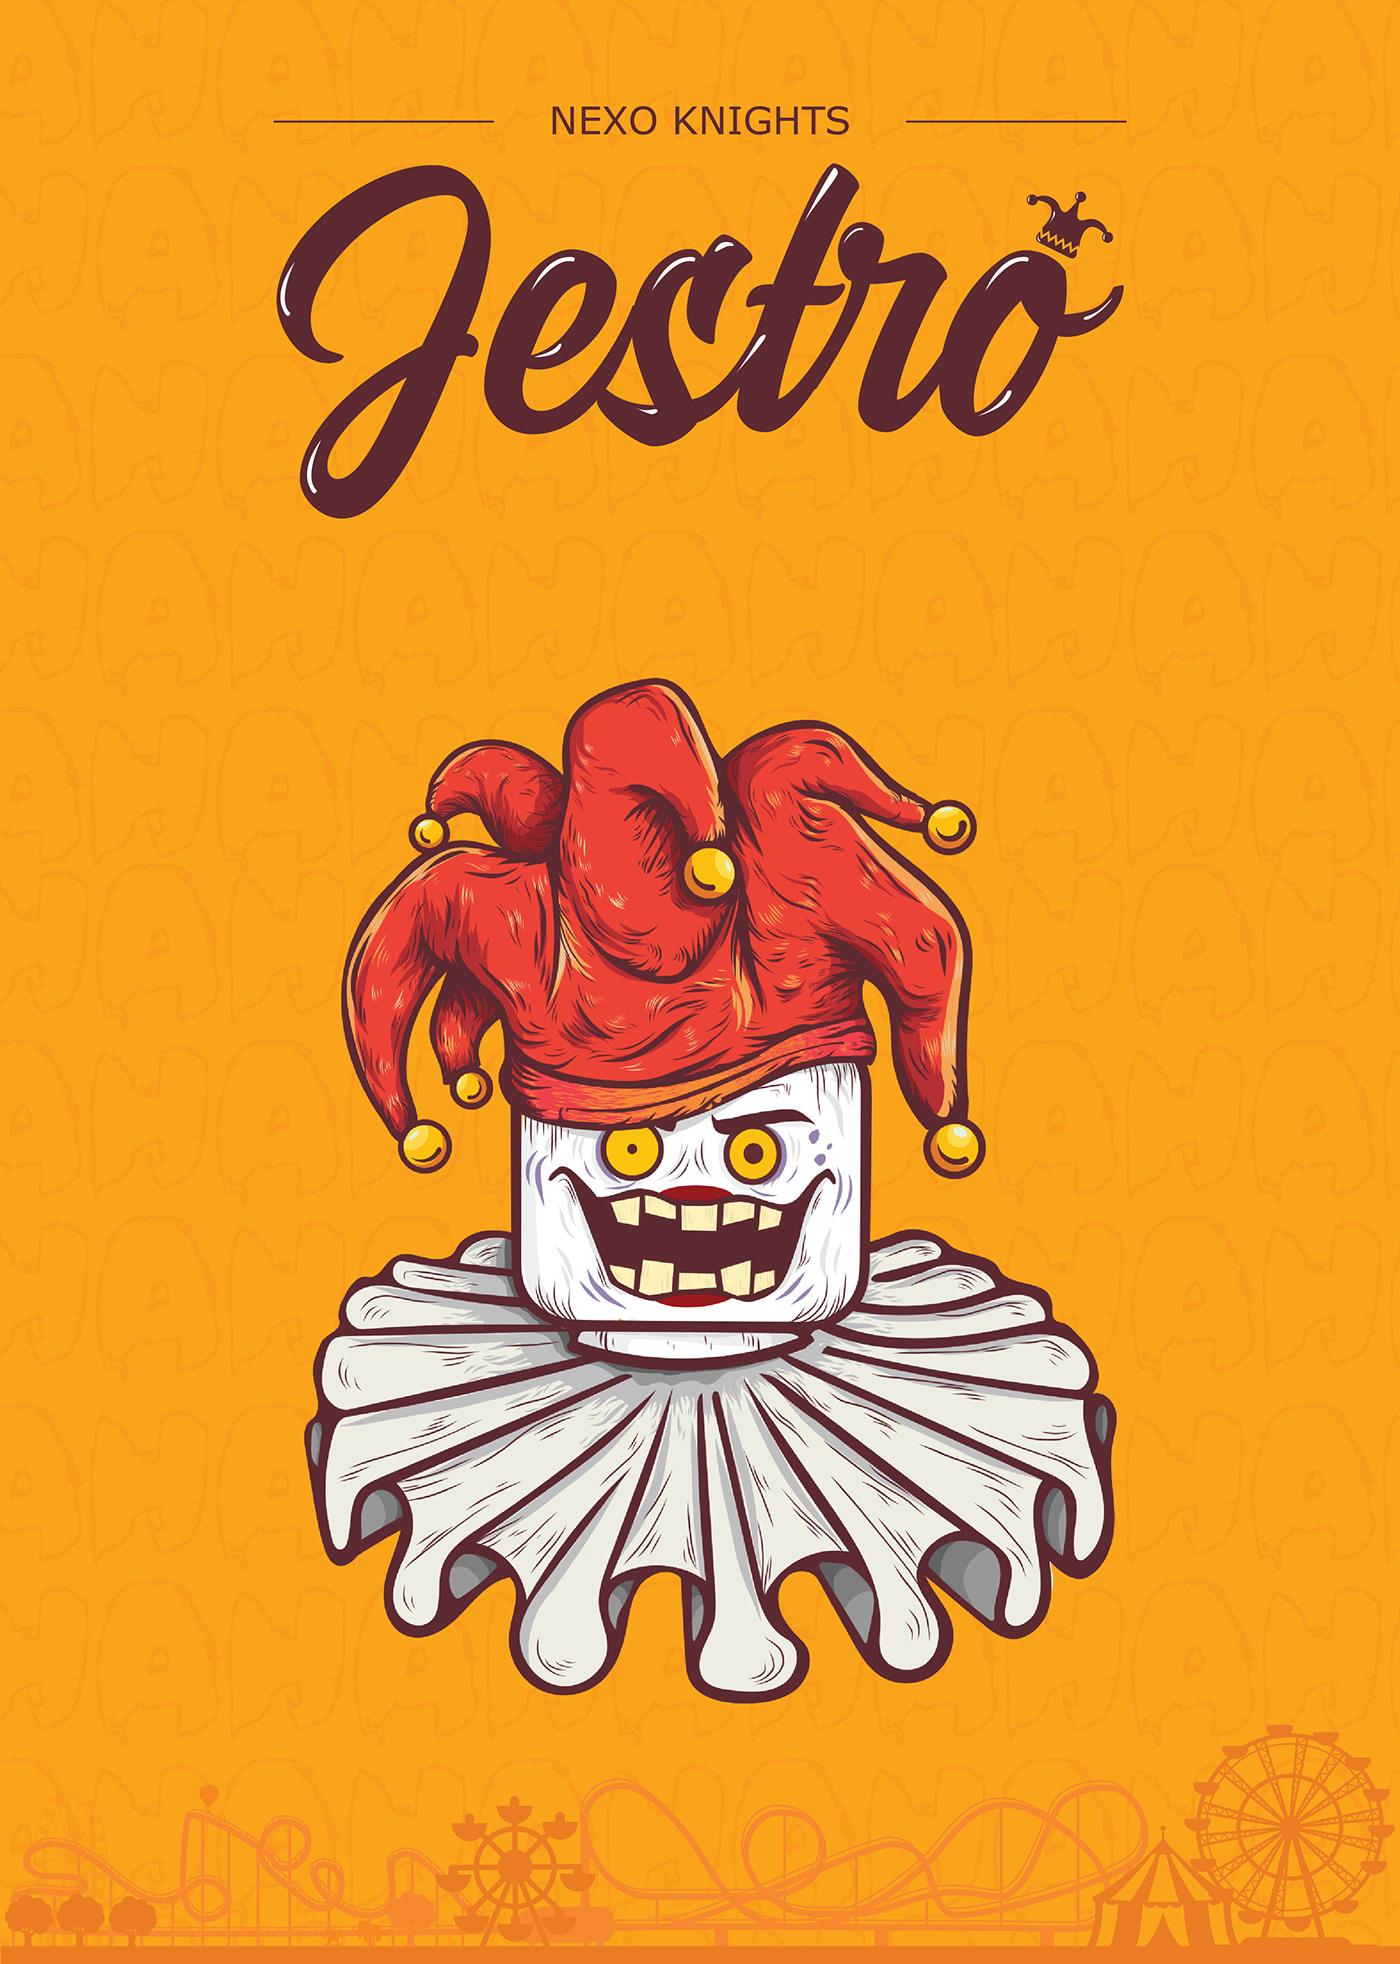 lego nexo knights jestro  king halbert illustration on